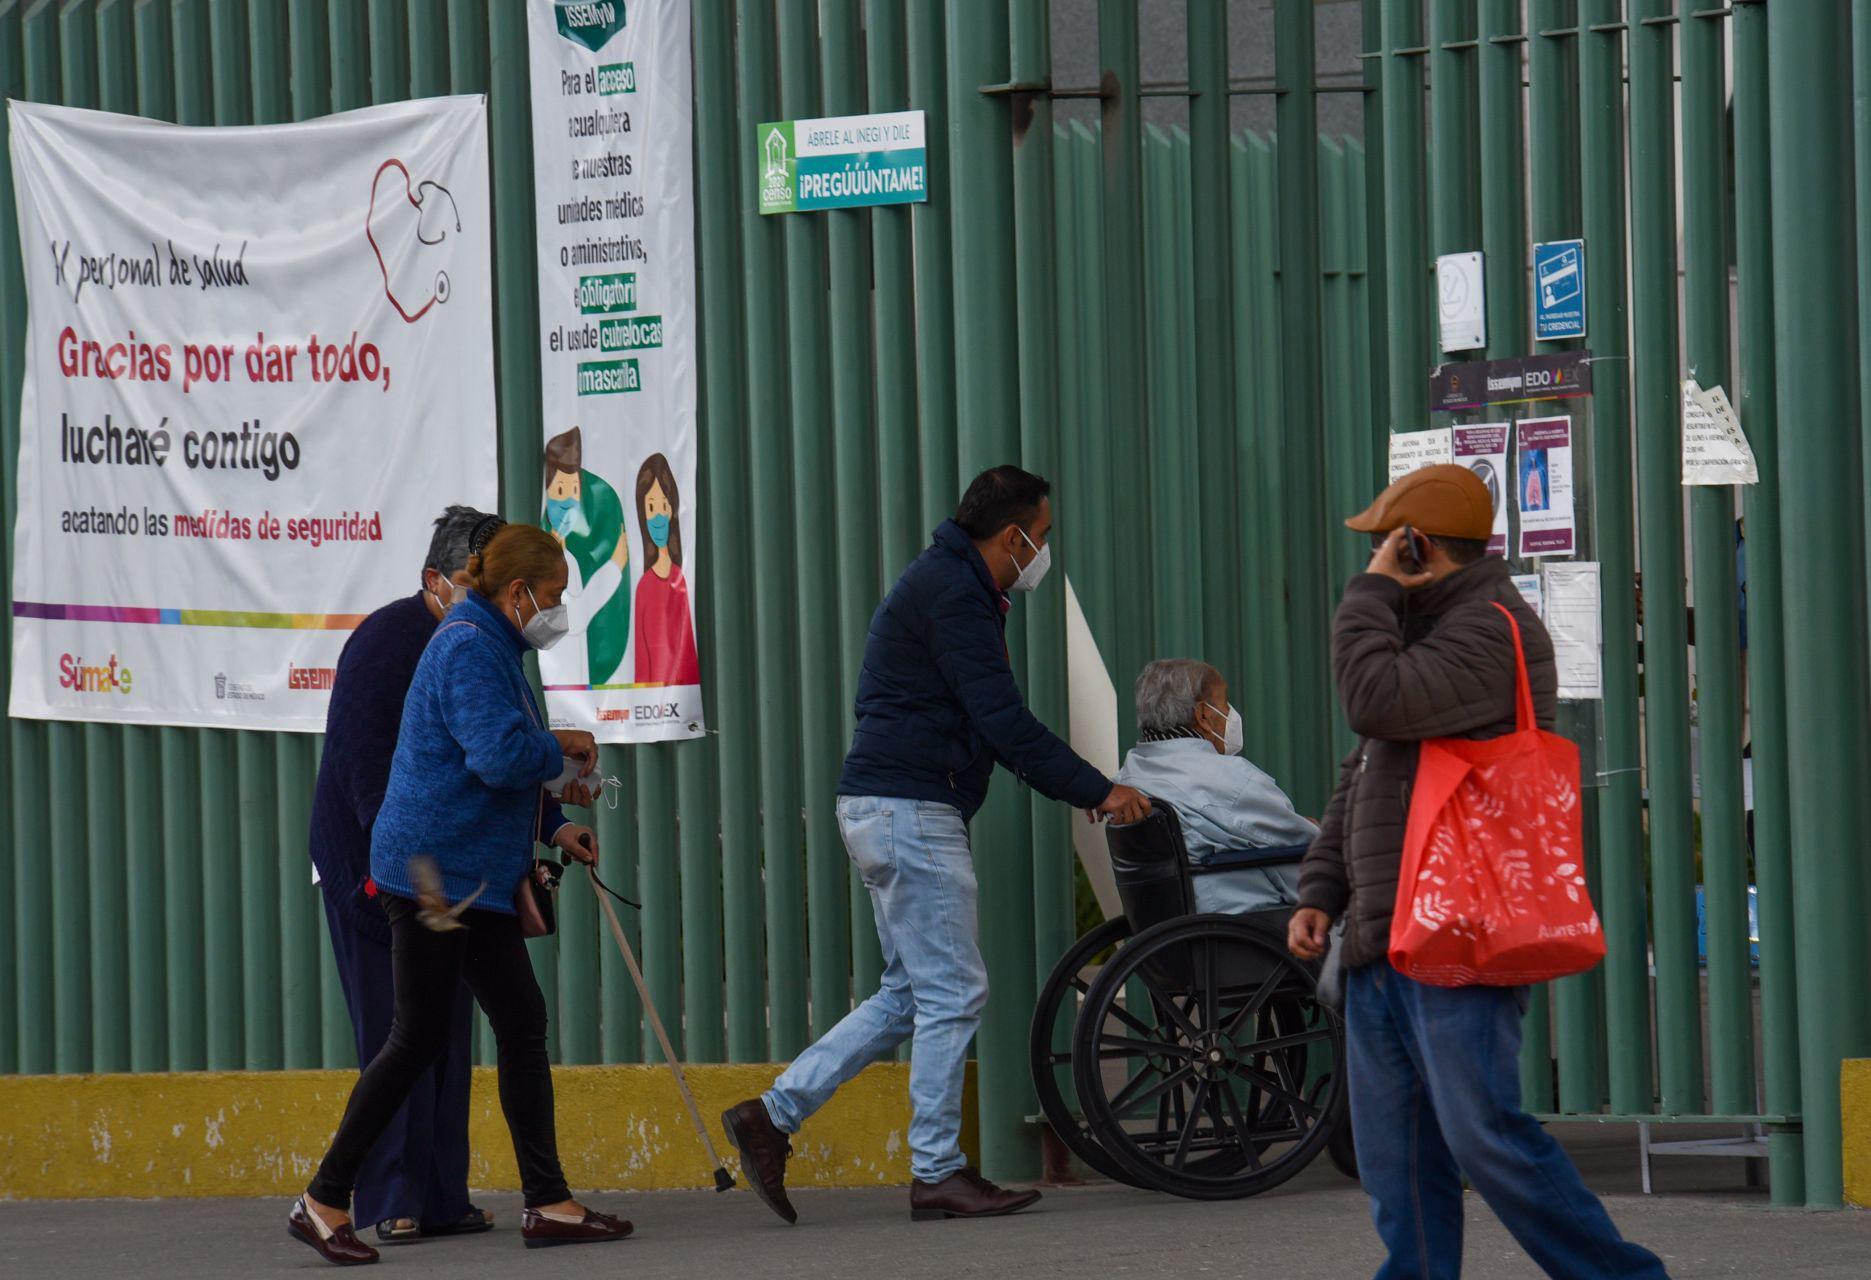 Toluca, Estado de México, 16 de diciembre de 2020.A AGUILAR /CUARTOSCURO.COM